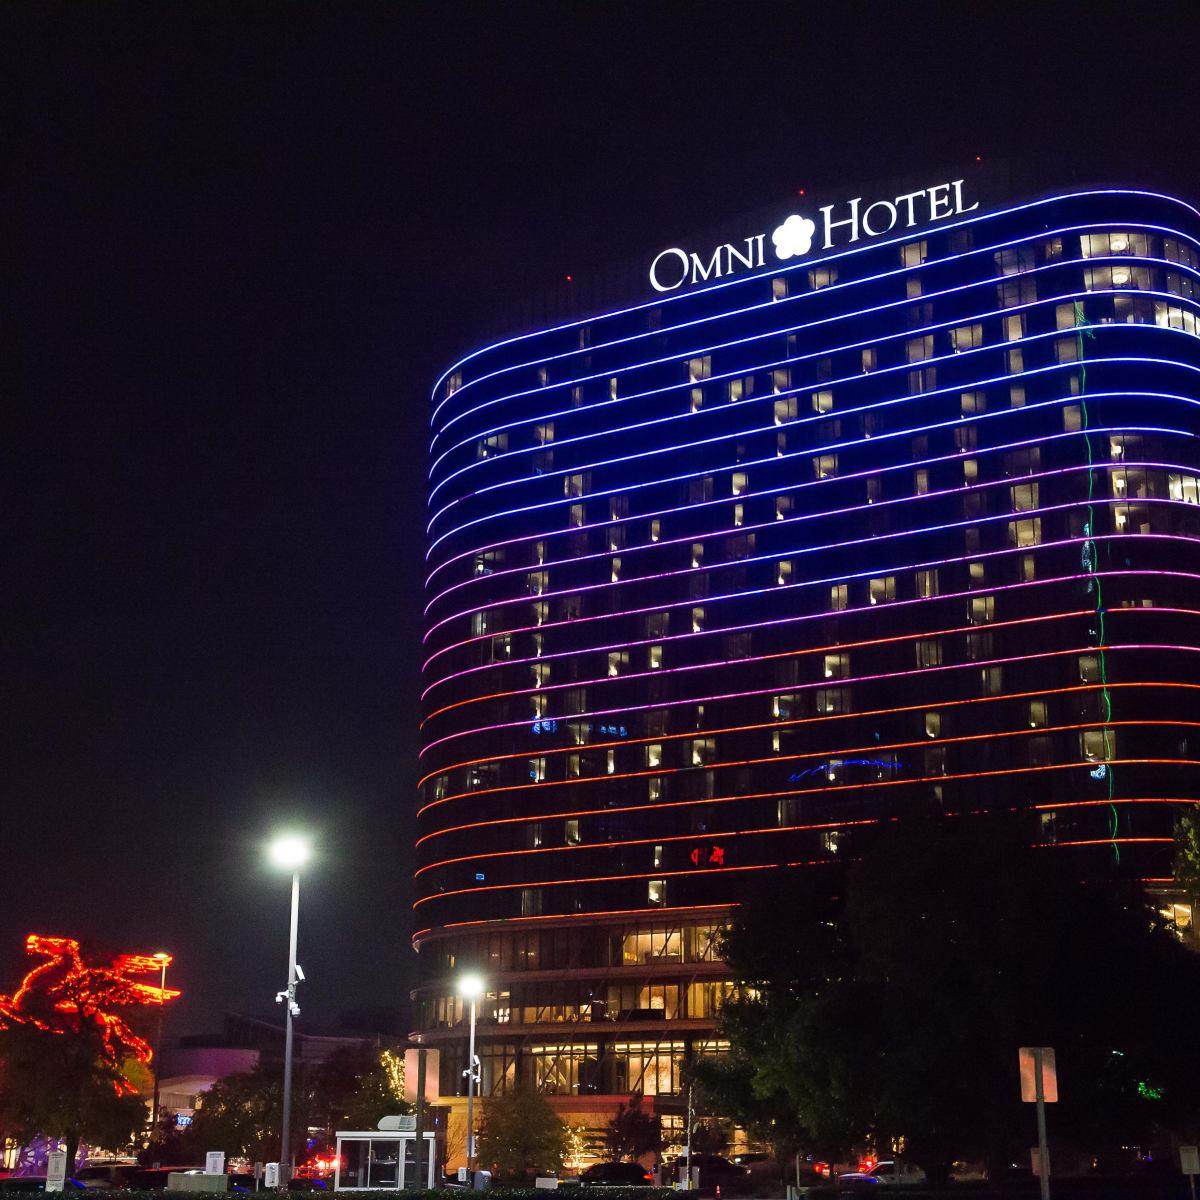 Omni Hotel Dallas, EUTS 2017